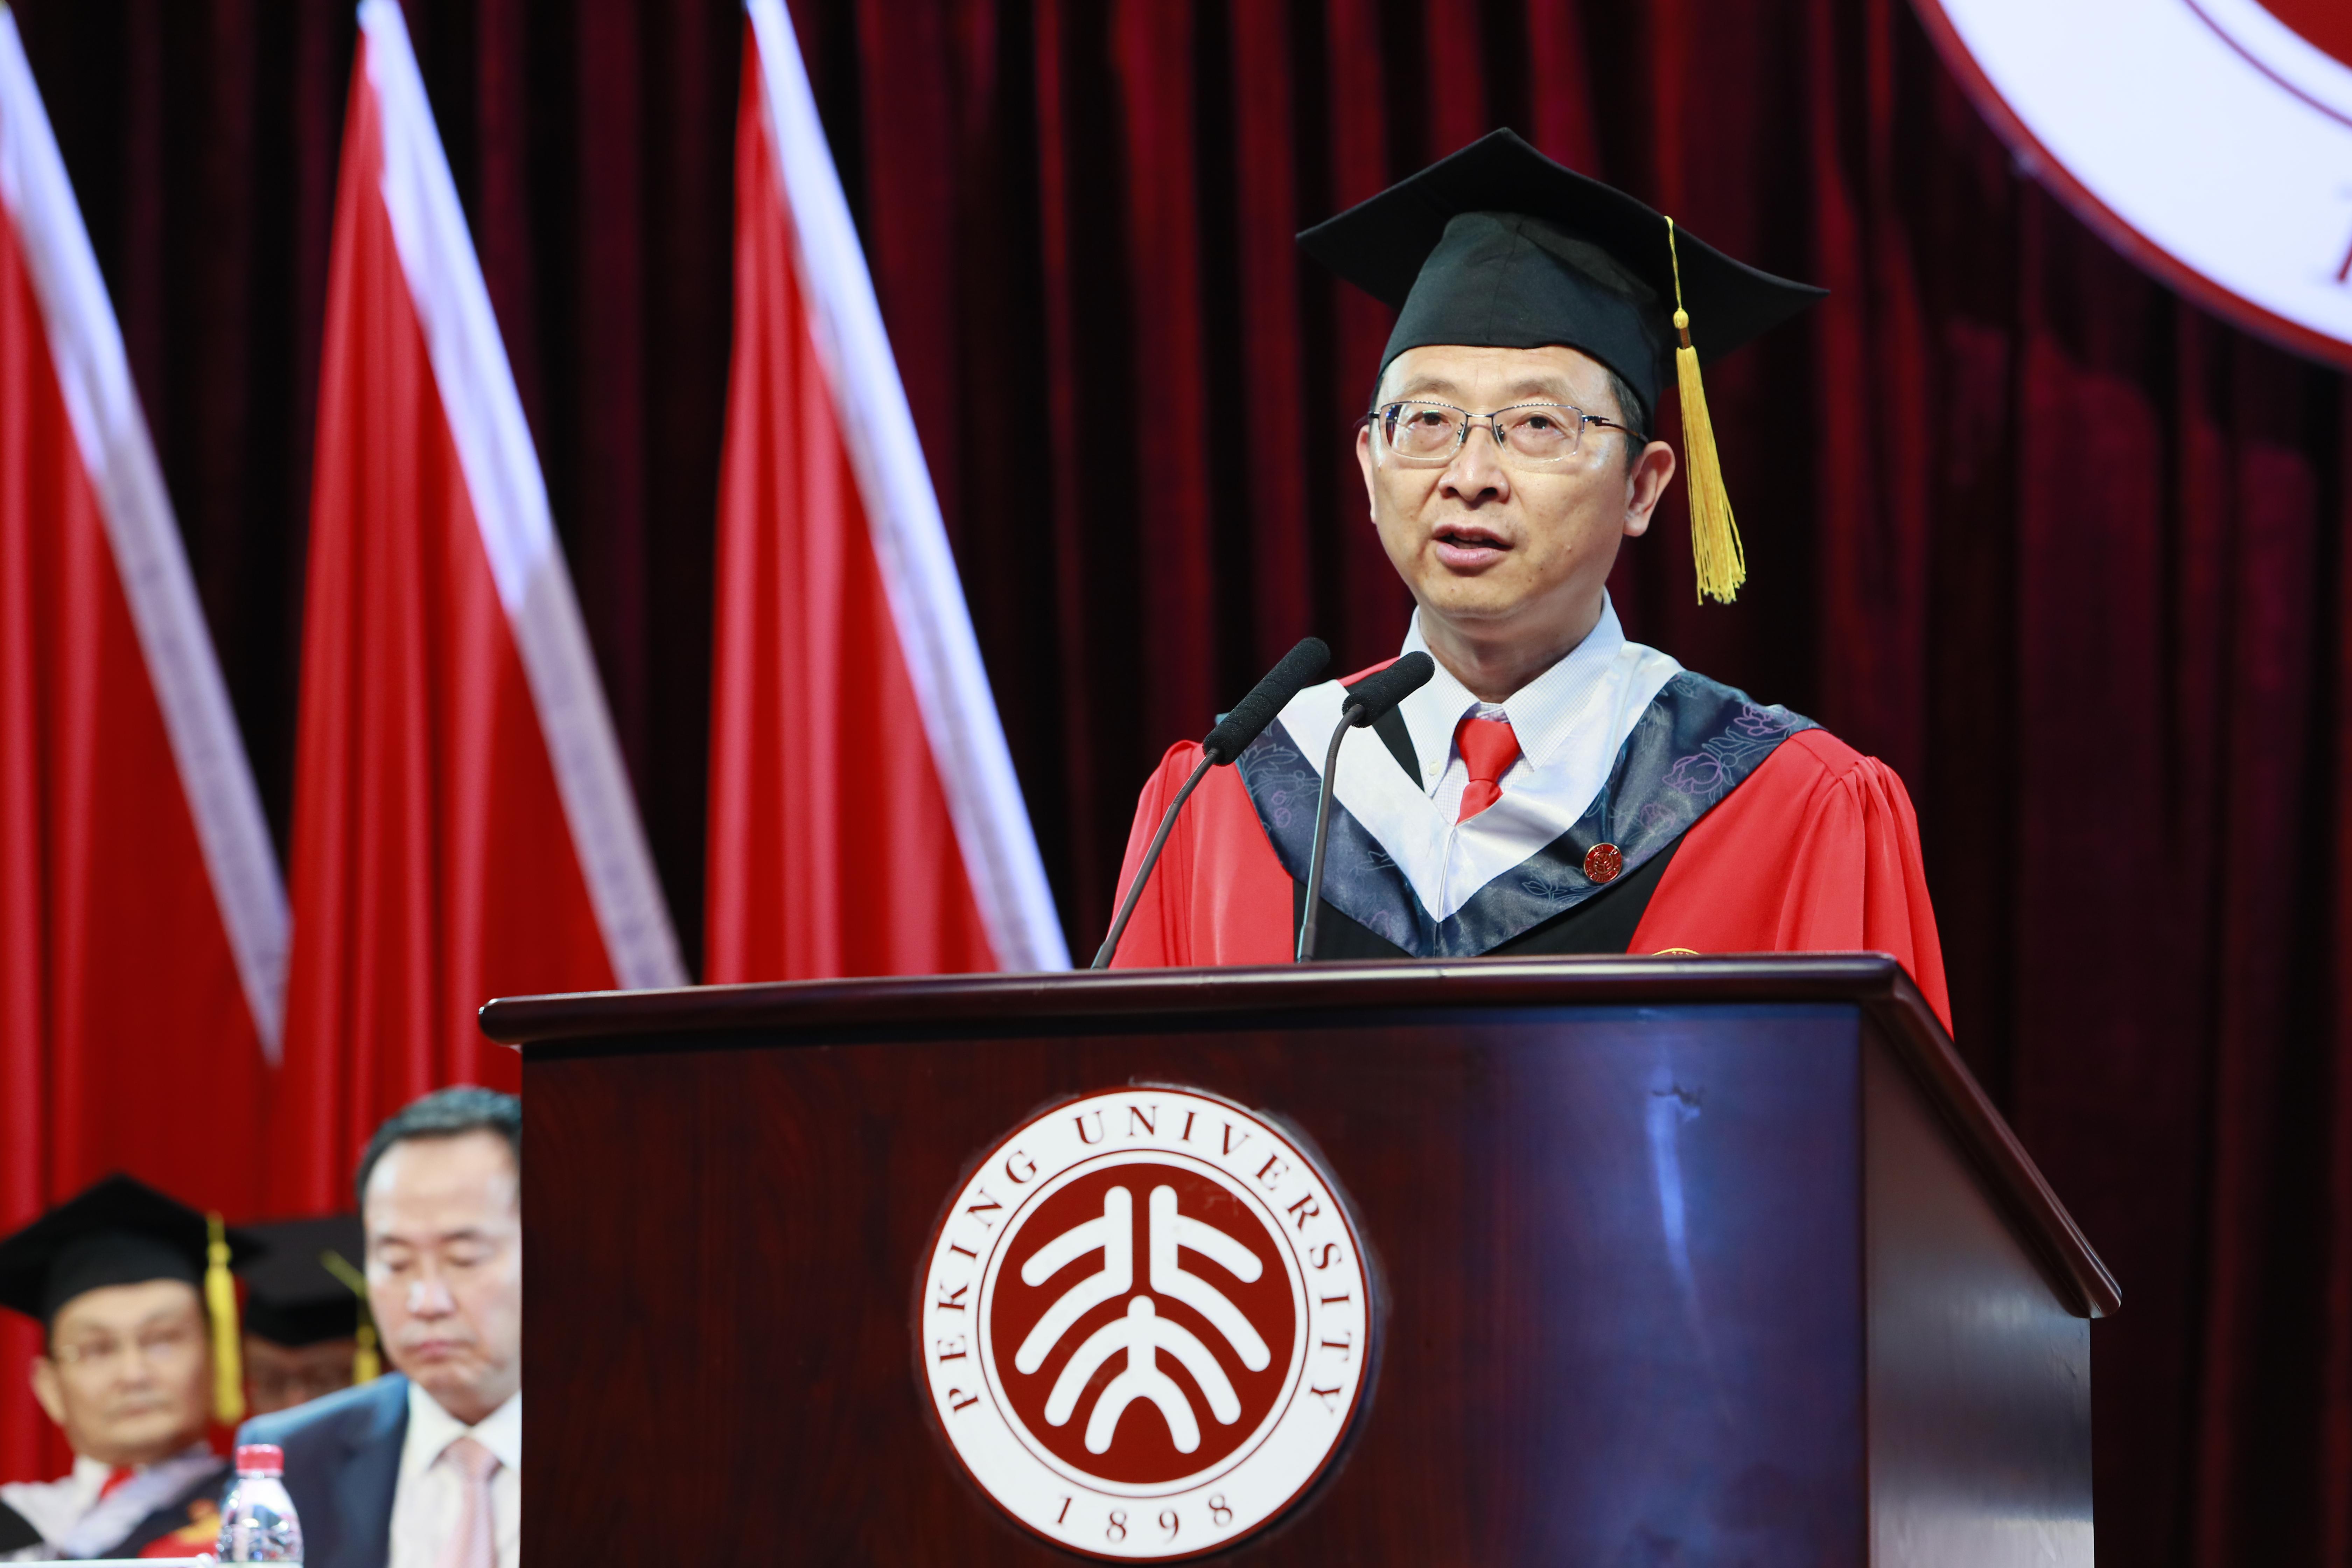 高松常务副校长在2018年毕业典礼上的讲话